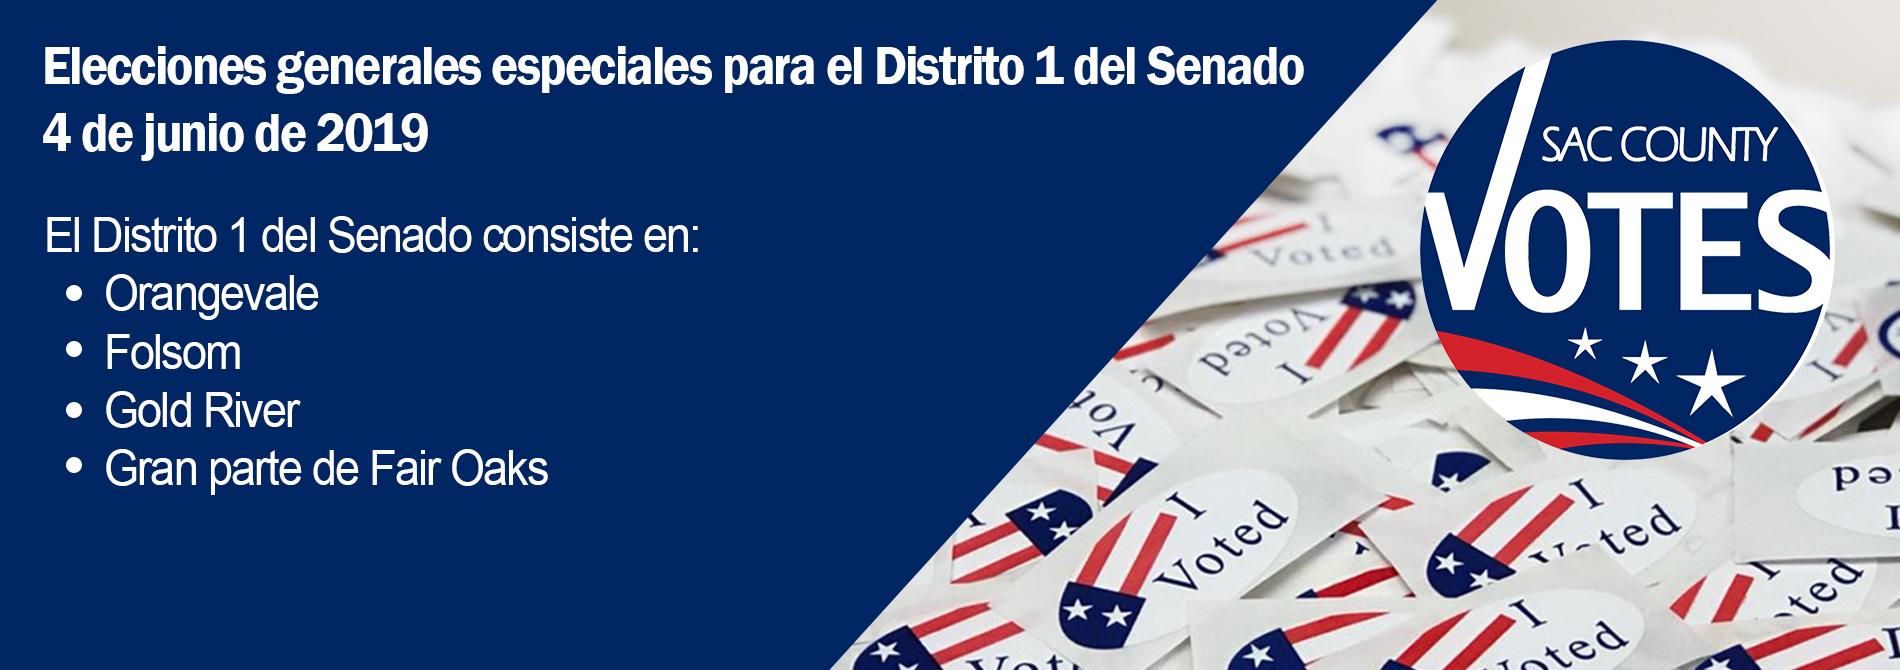 Elecciones generales especiales para el Distrito 1 del Senado 4 de junio de 2019